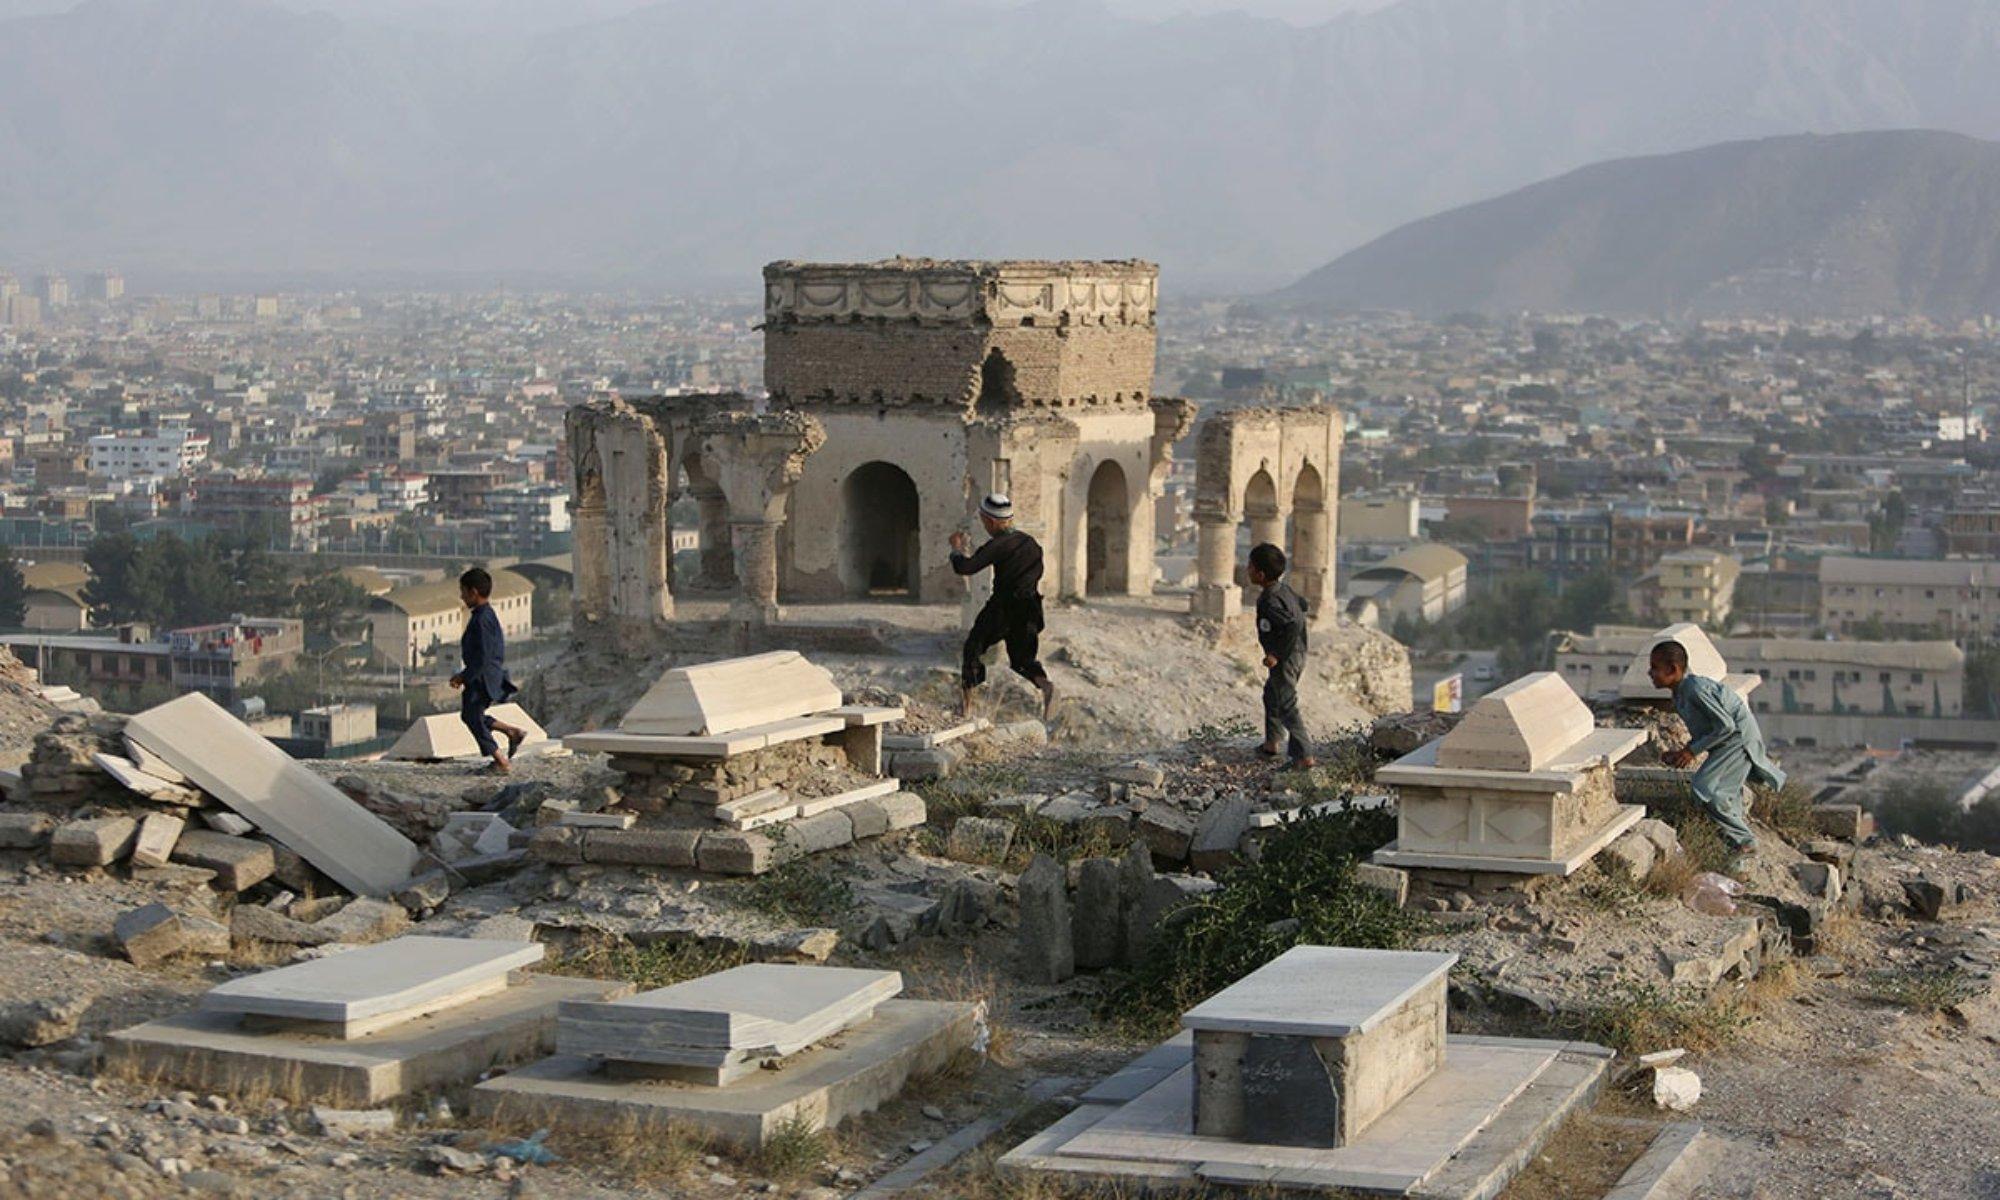 Afganistan'a neden 'imparatorluklar mezarlığı' deniyor?